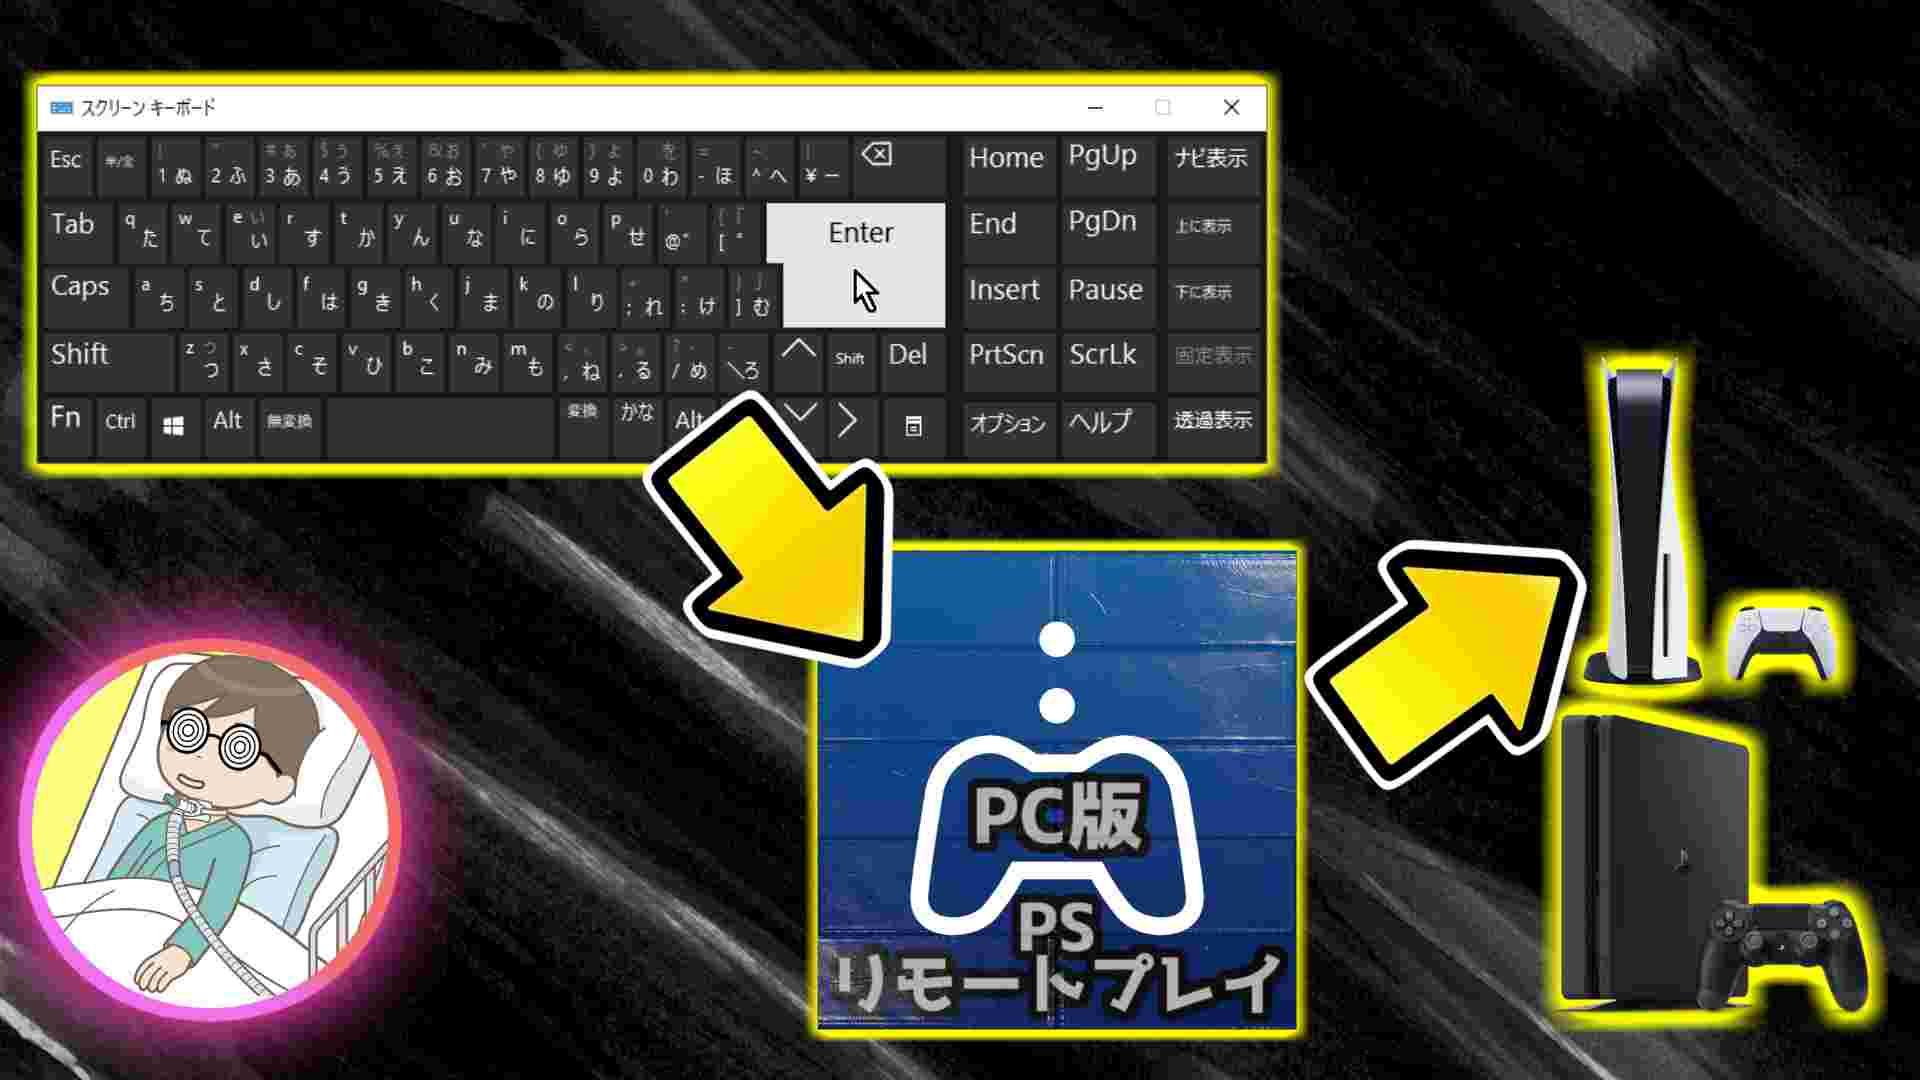 ブログ記事「PSリモートプレイ(PS5/PS4)をスクリーンキーボードで操作」のサムネイル画像